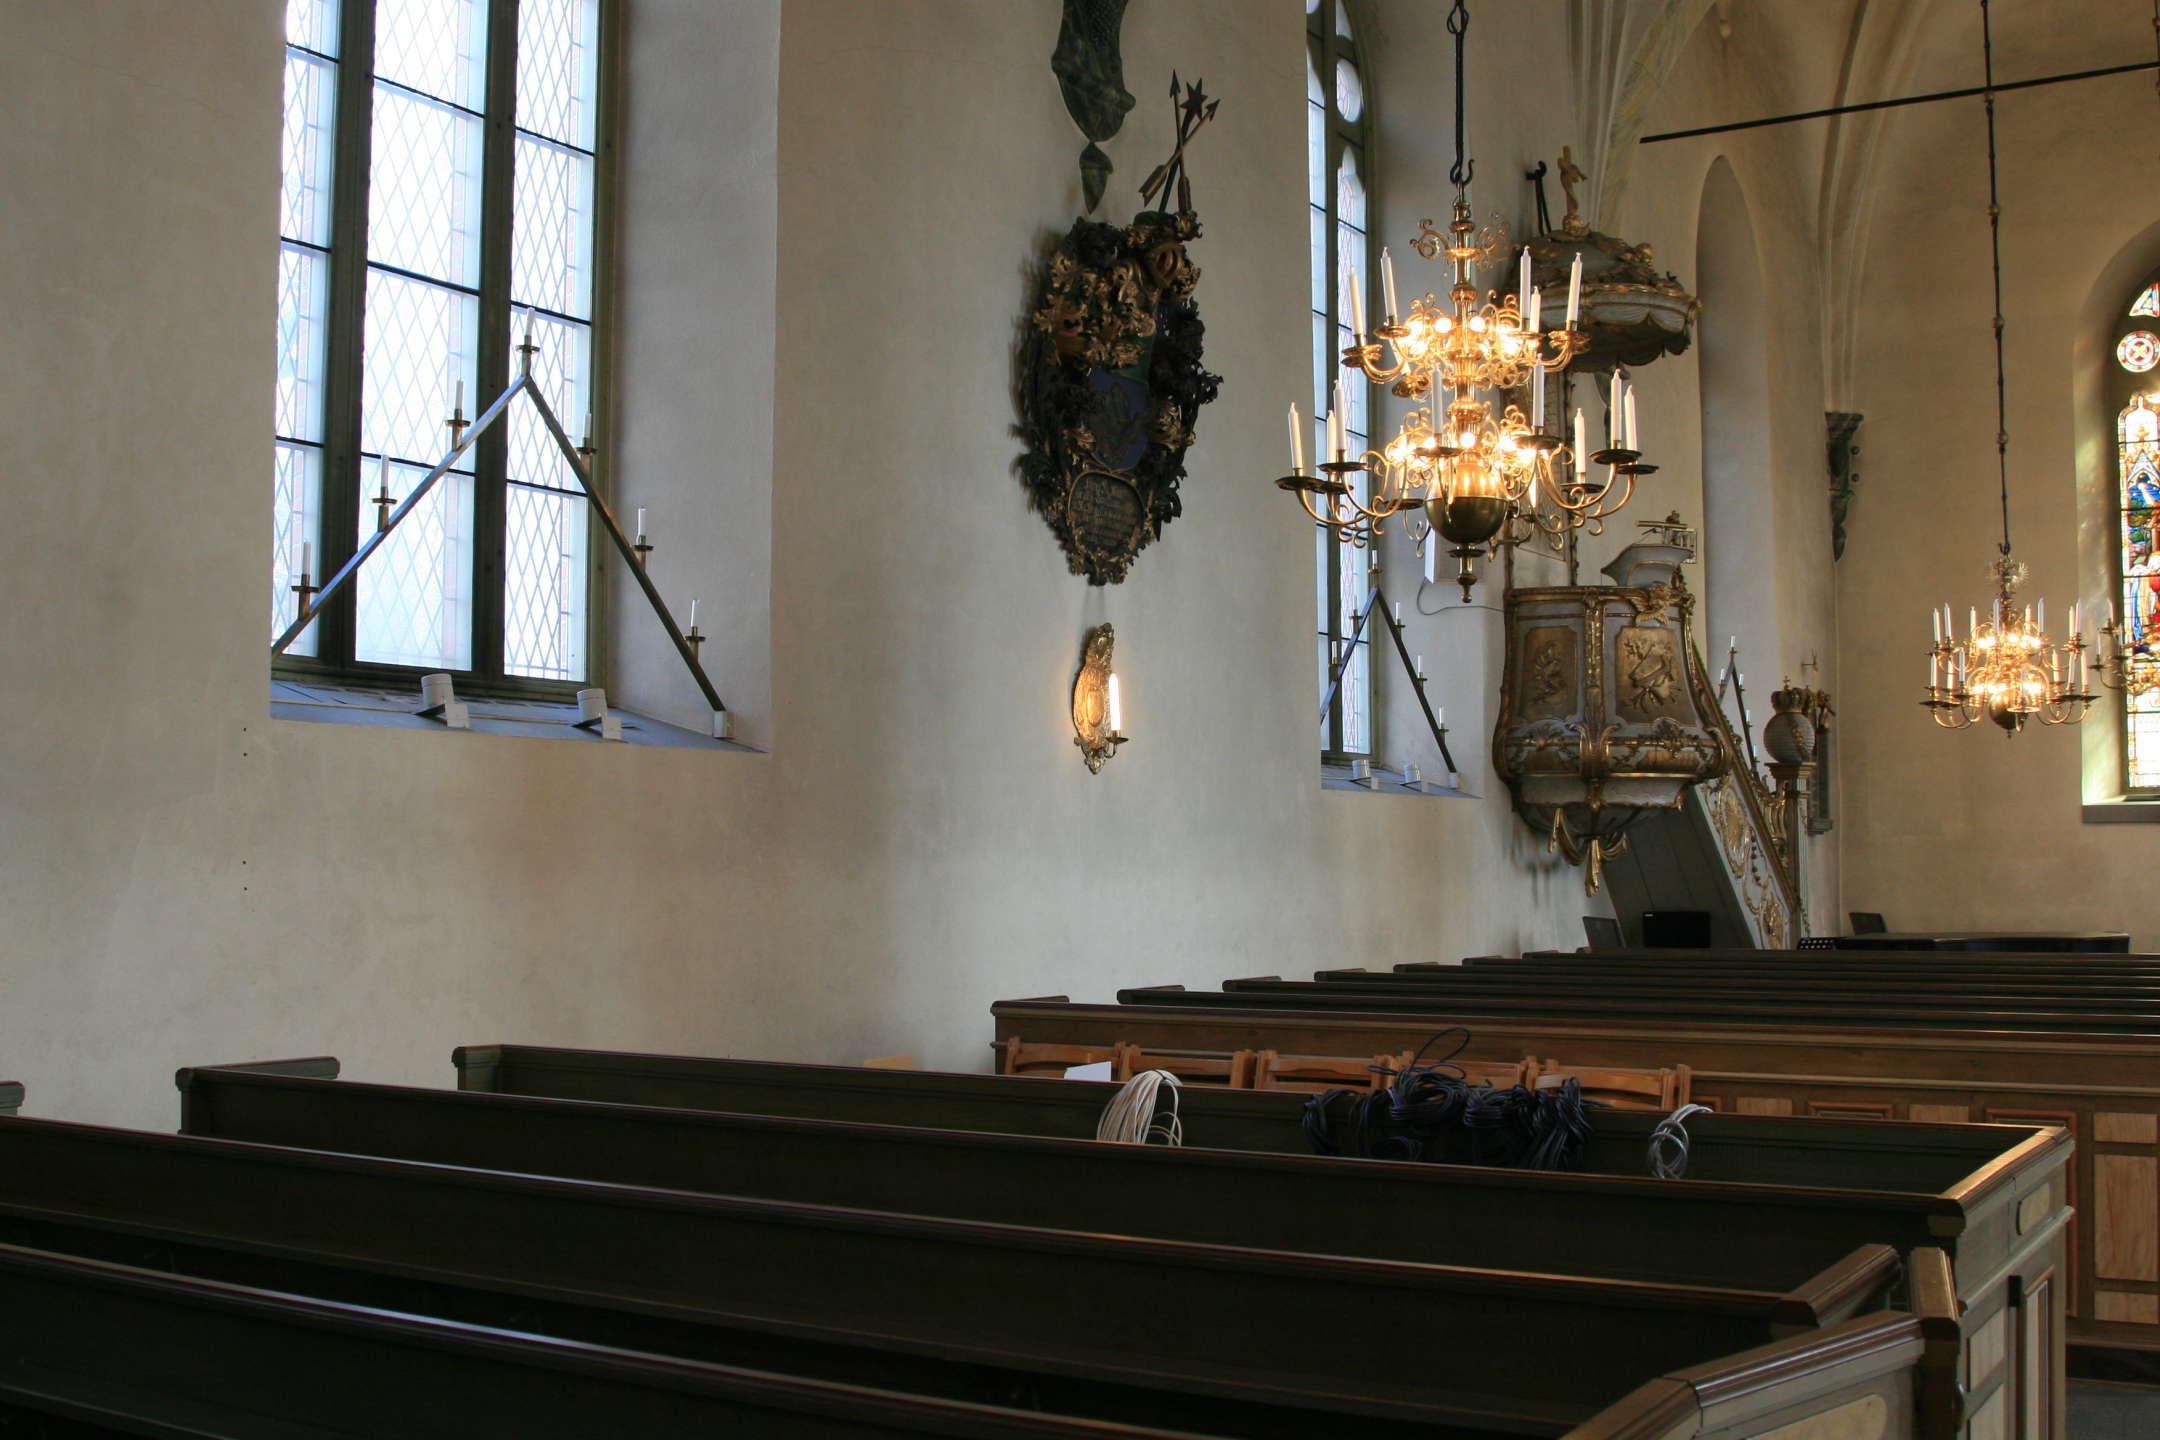 Avesta kyrkas norra långvägg med högtalare i fönstret.